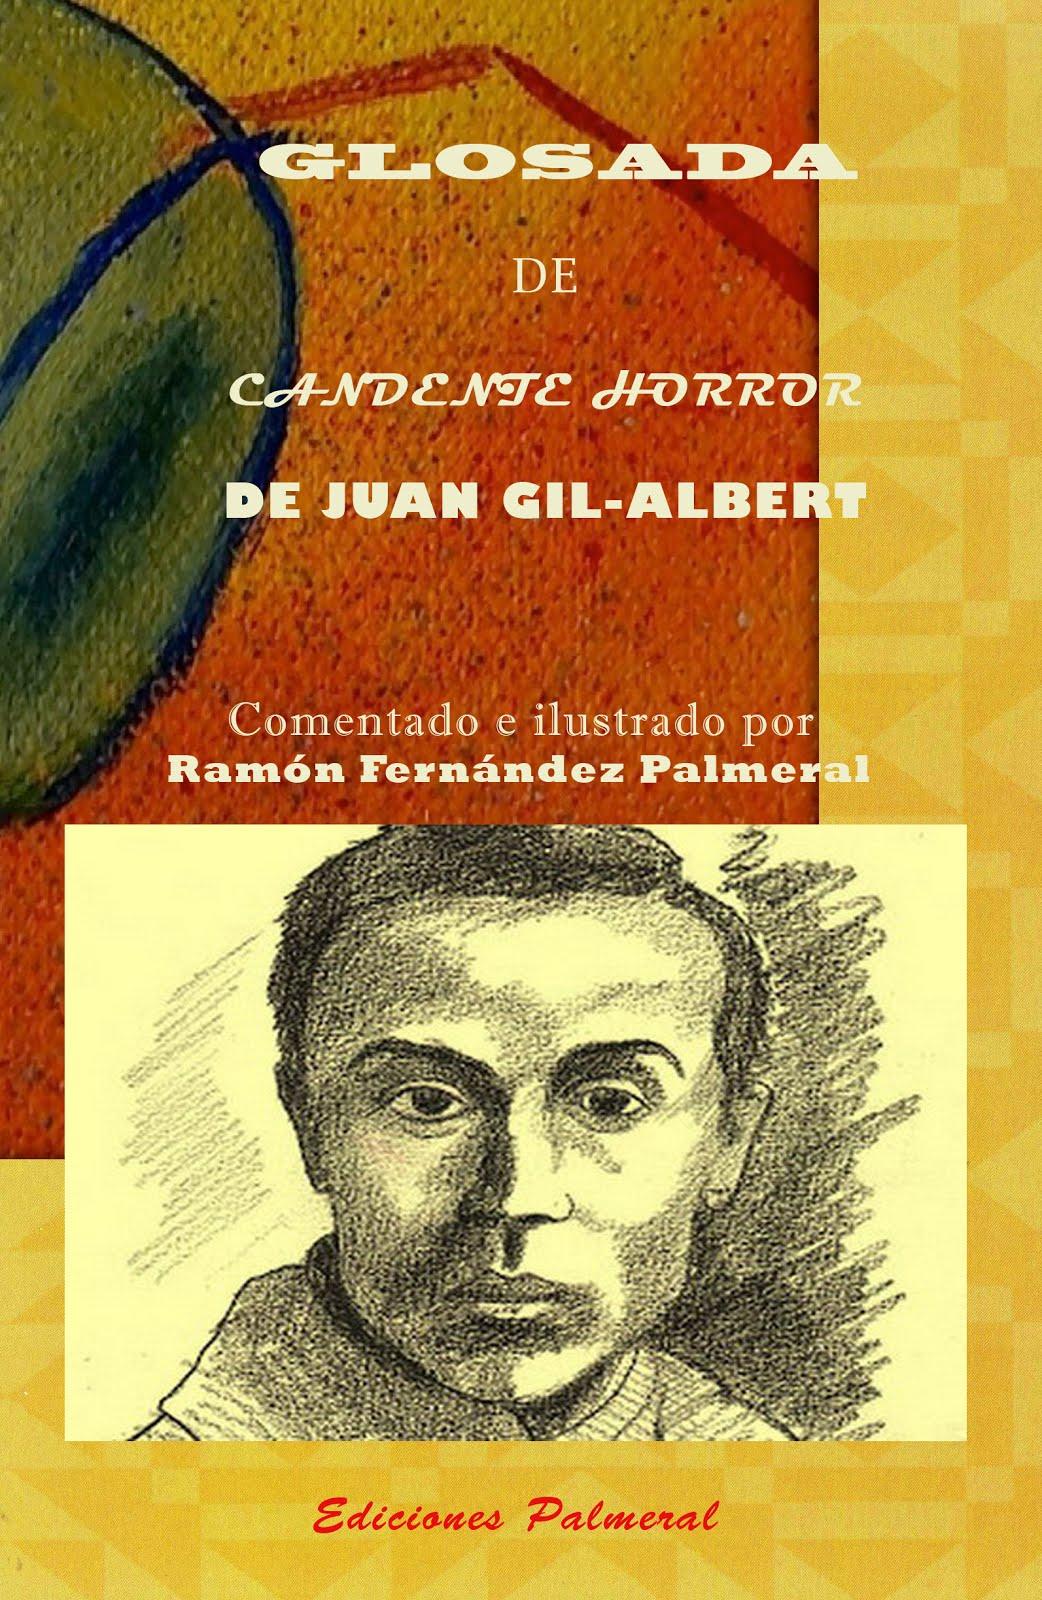 Glosada de Candente horror de Juan Gil-Albert